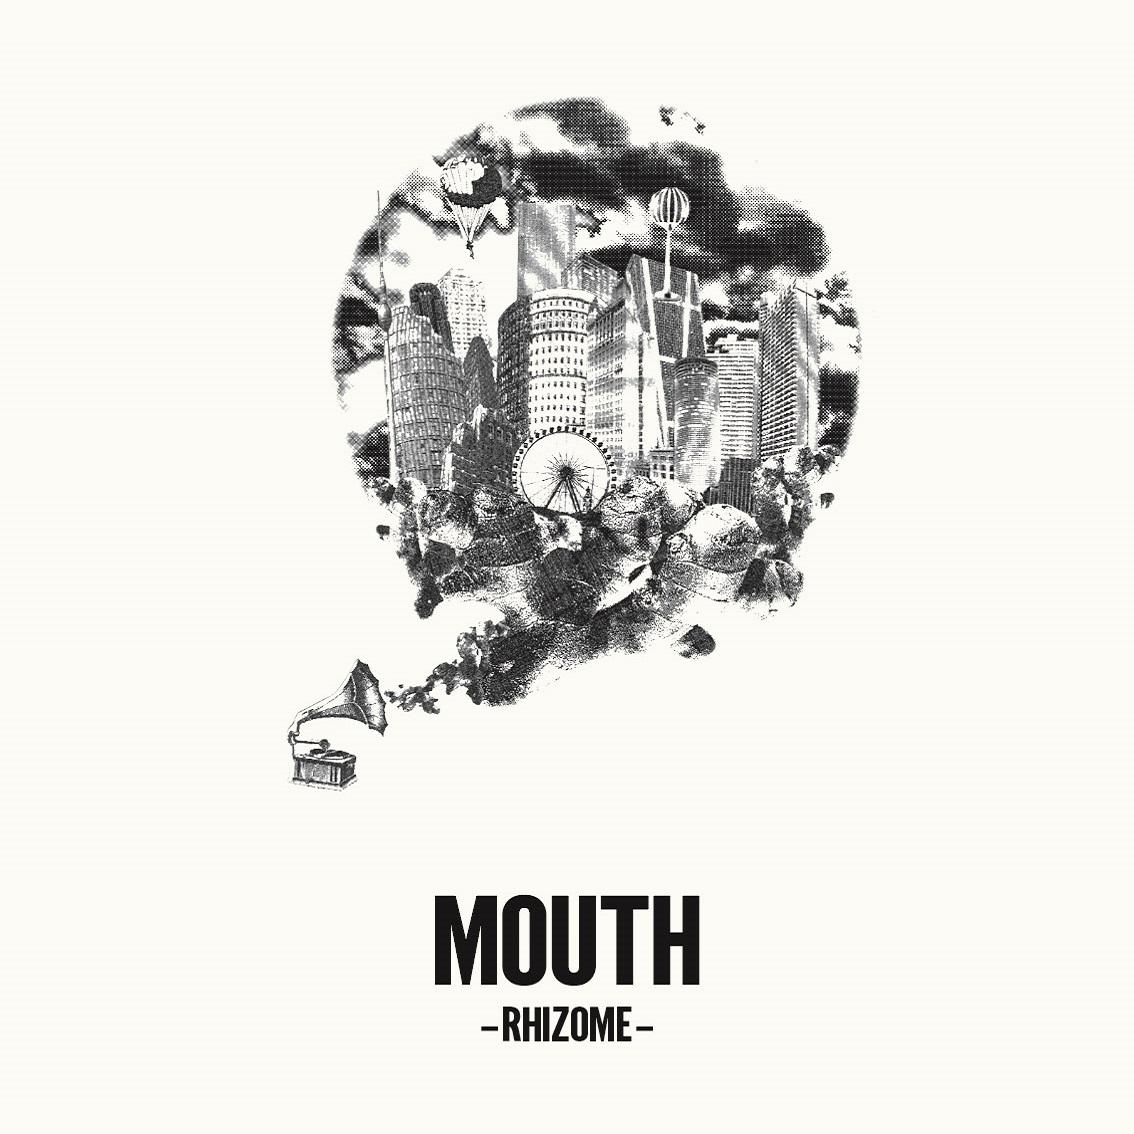 mouth rhizome